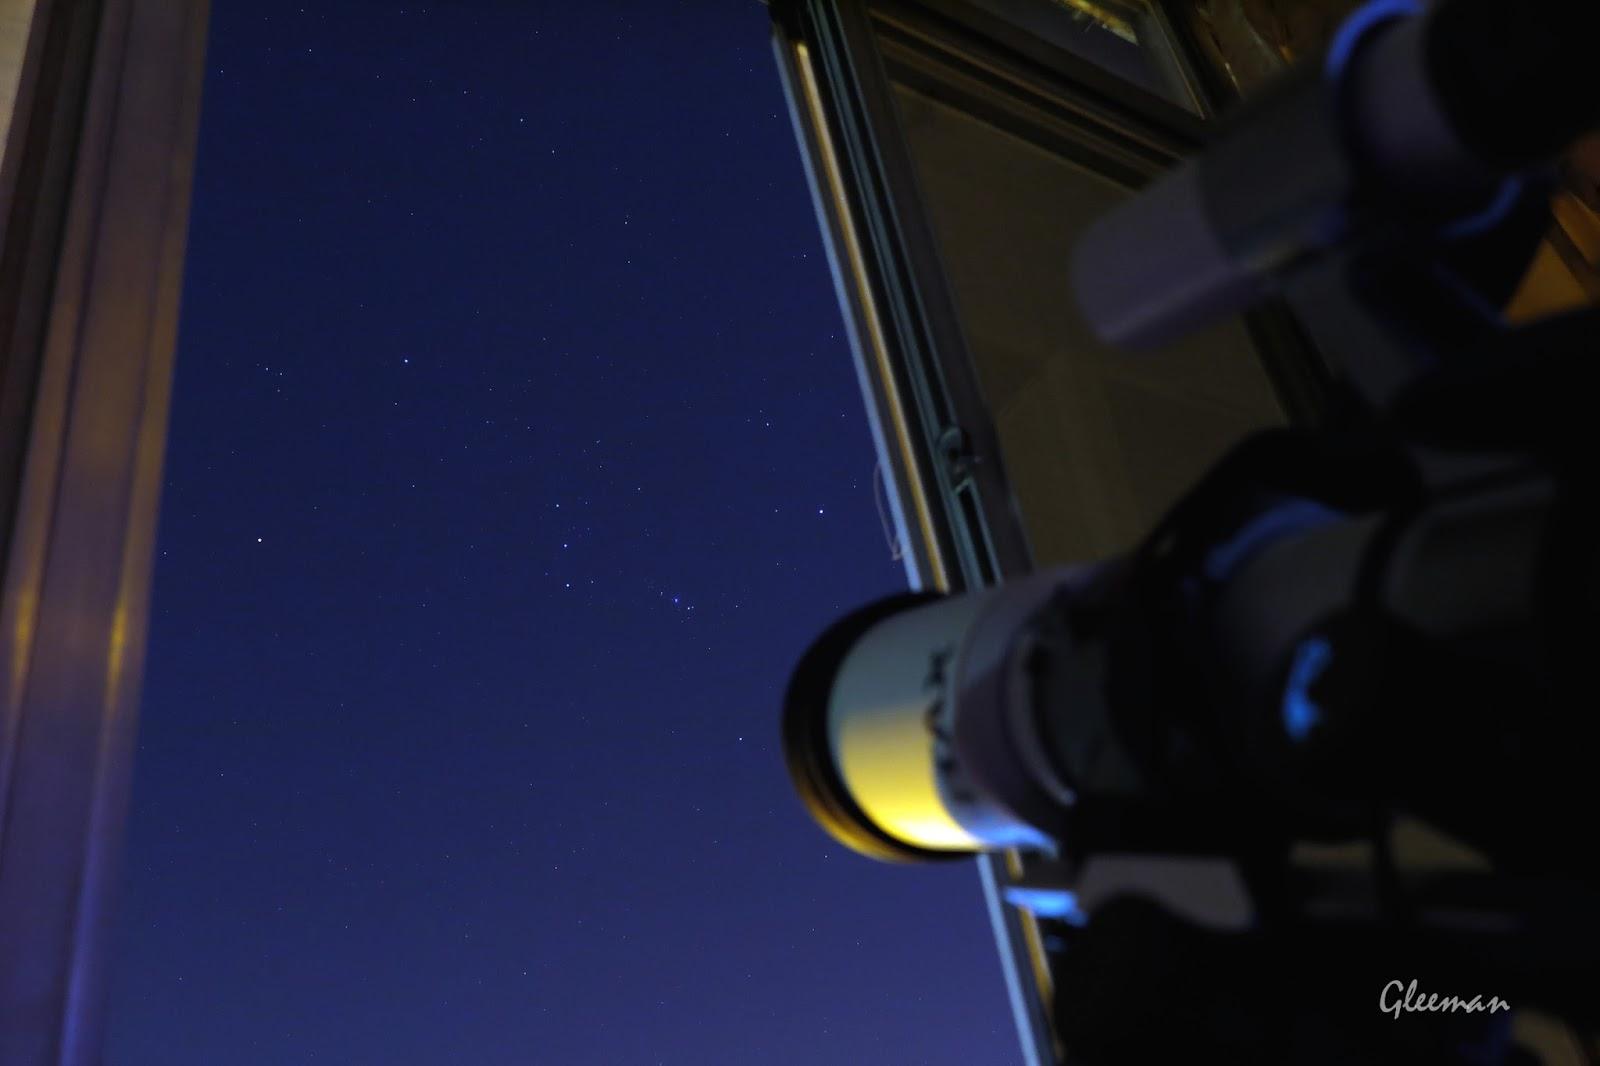 這幾天陽台外的獵戶座特別清楚。